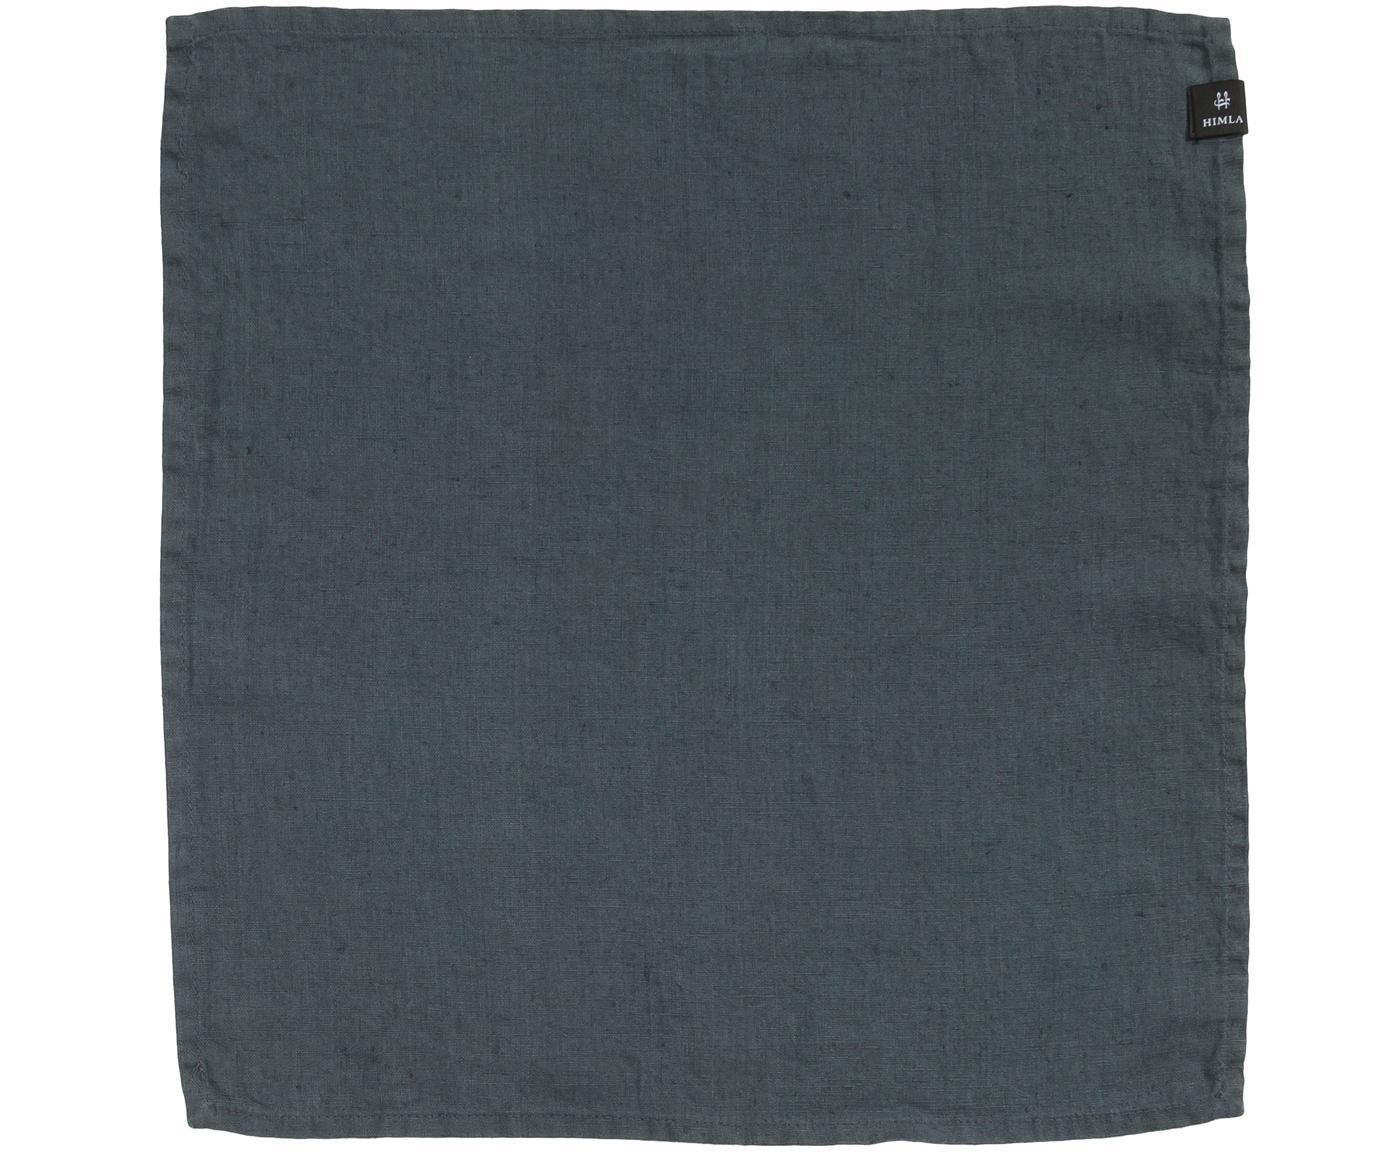 Leinen-Servietten Sunshine, 4 Stück, Leinen, Dunkelgrau, 45 x 45 cm